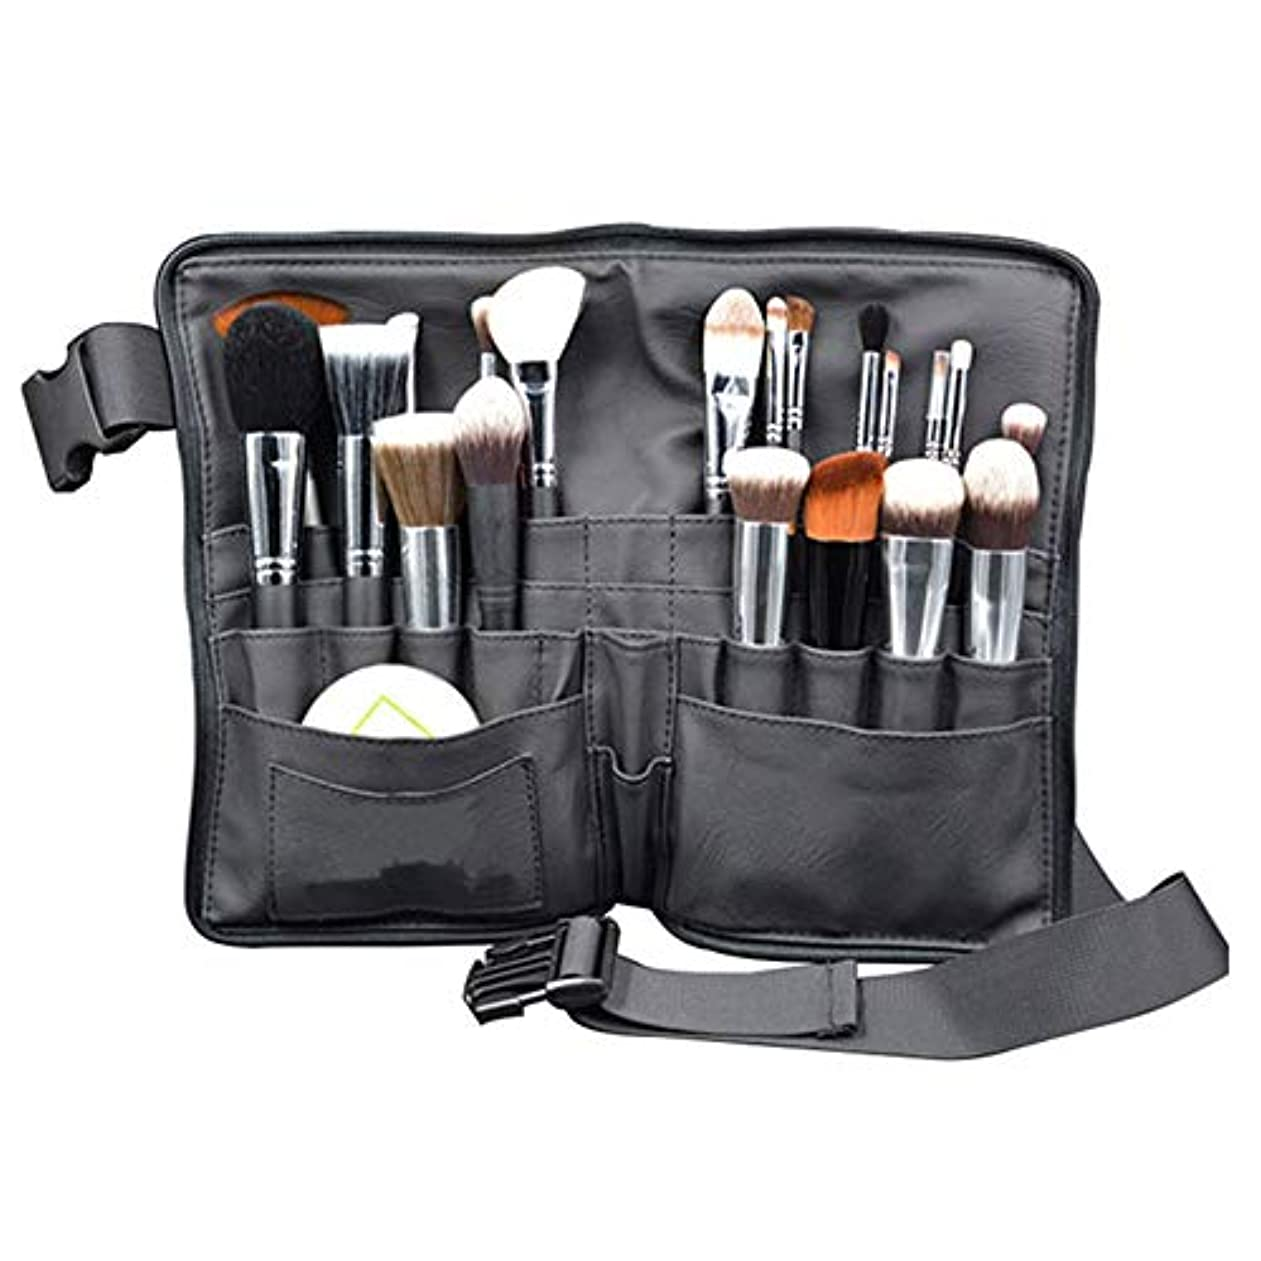 甘美な記者支払いメイクブラシバッグ Akane プロ 化粧師 専用 ウエストポーチ 超大容量 全収納 便利 防水 収納 舞台 ブラック 化粧バッグ